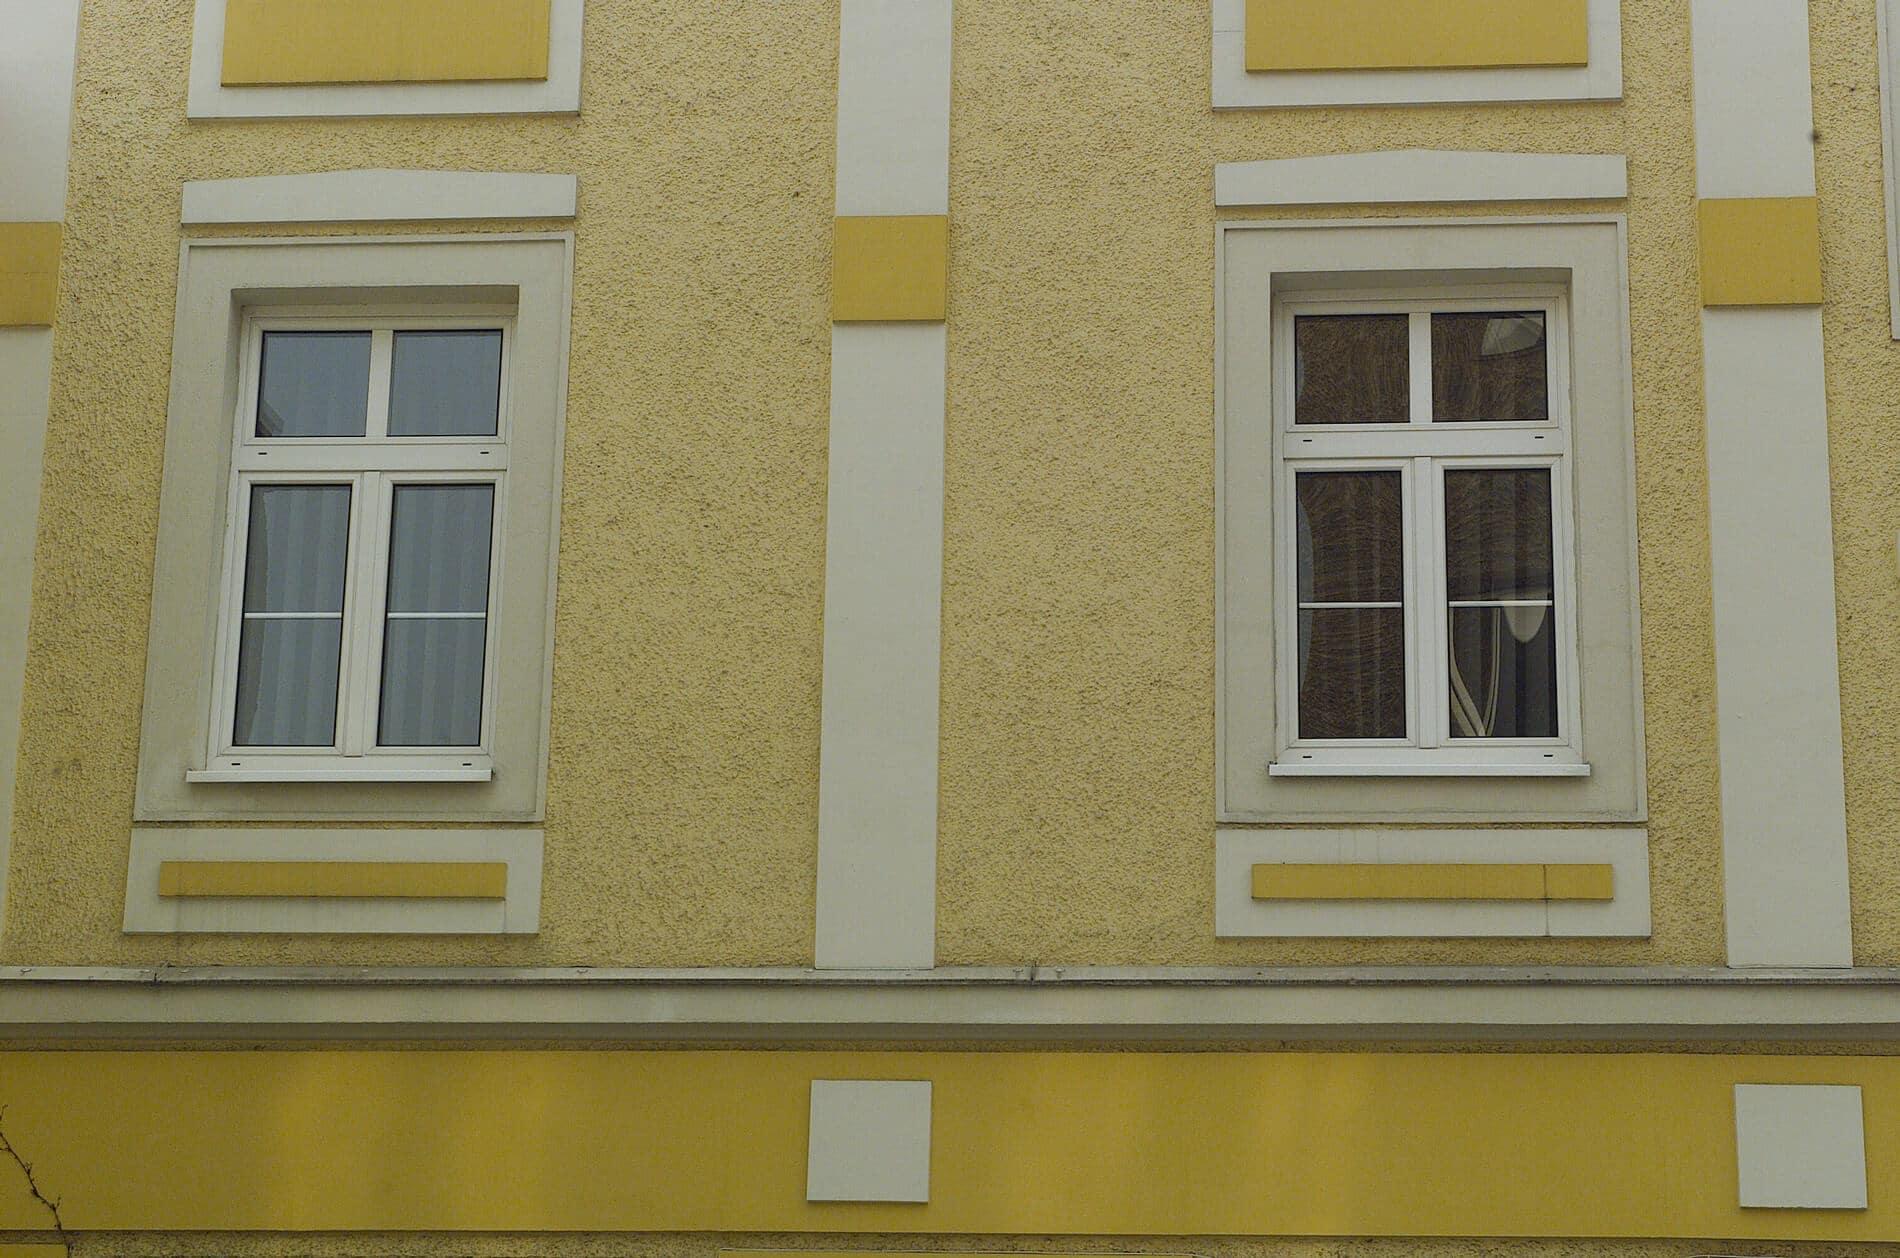 Lärmschutzfenster Altbau